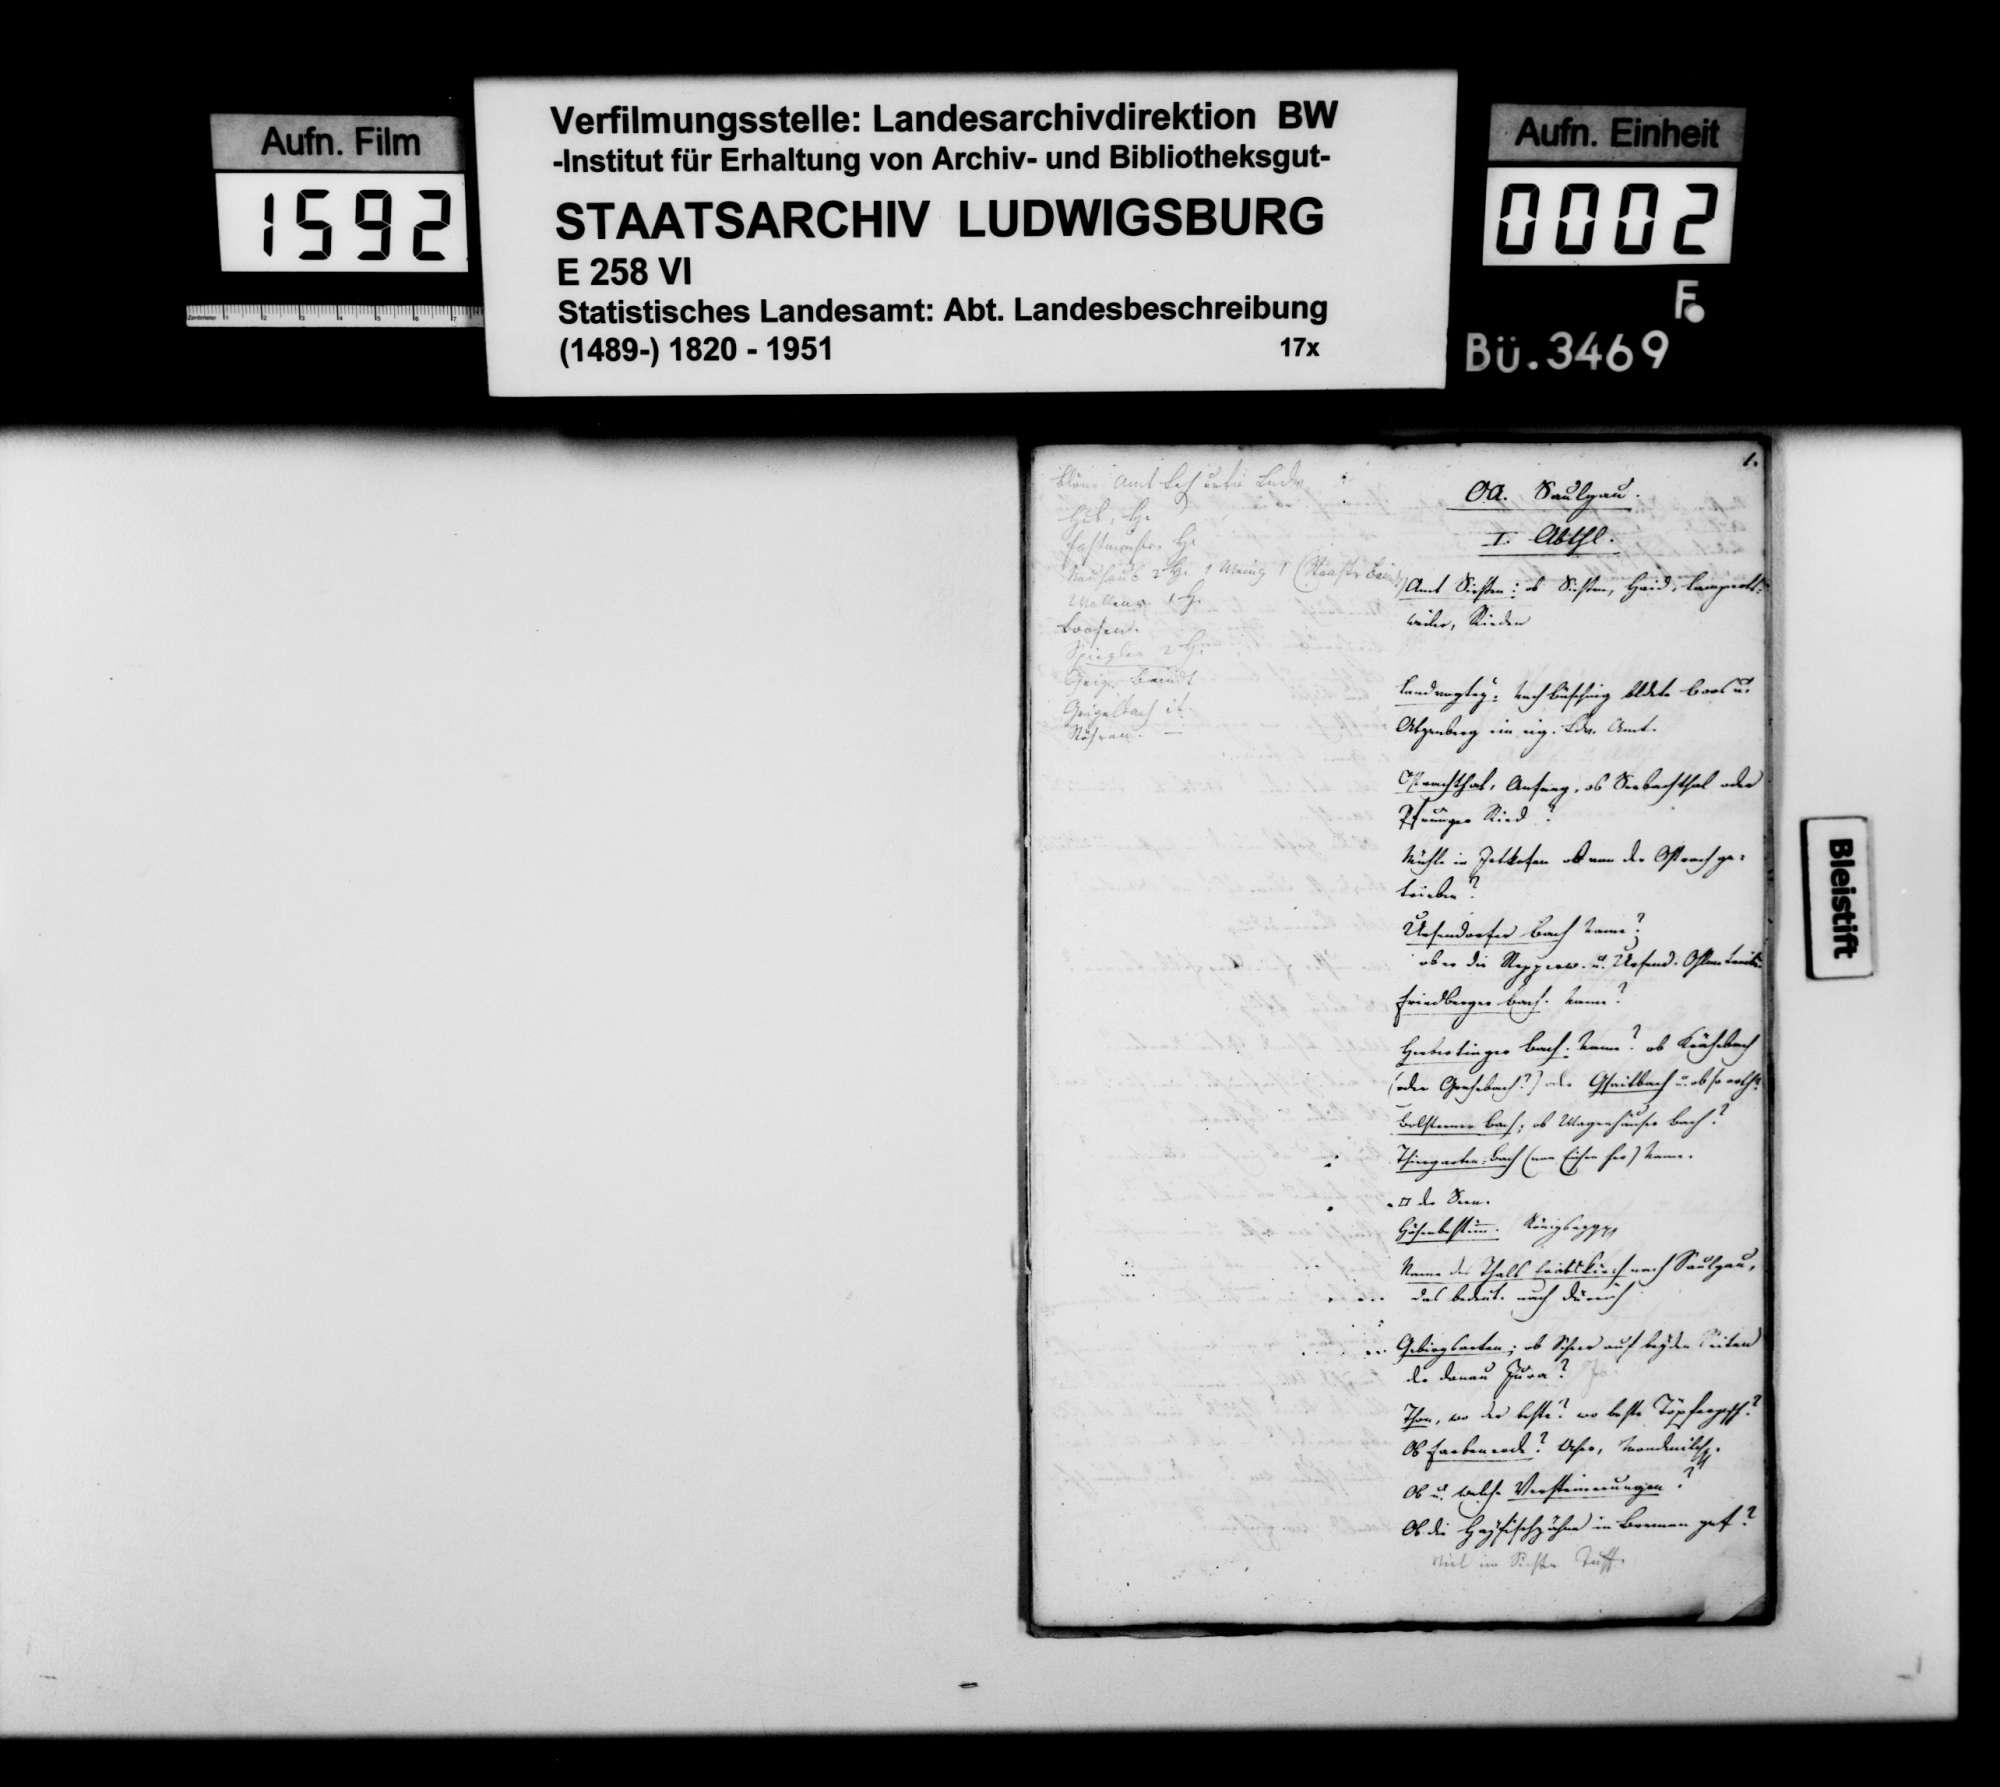 Konzept der OAB von Johann Daniel Georg Memminger, in unterschiedlichen Fertigungsstufen, Bild 1